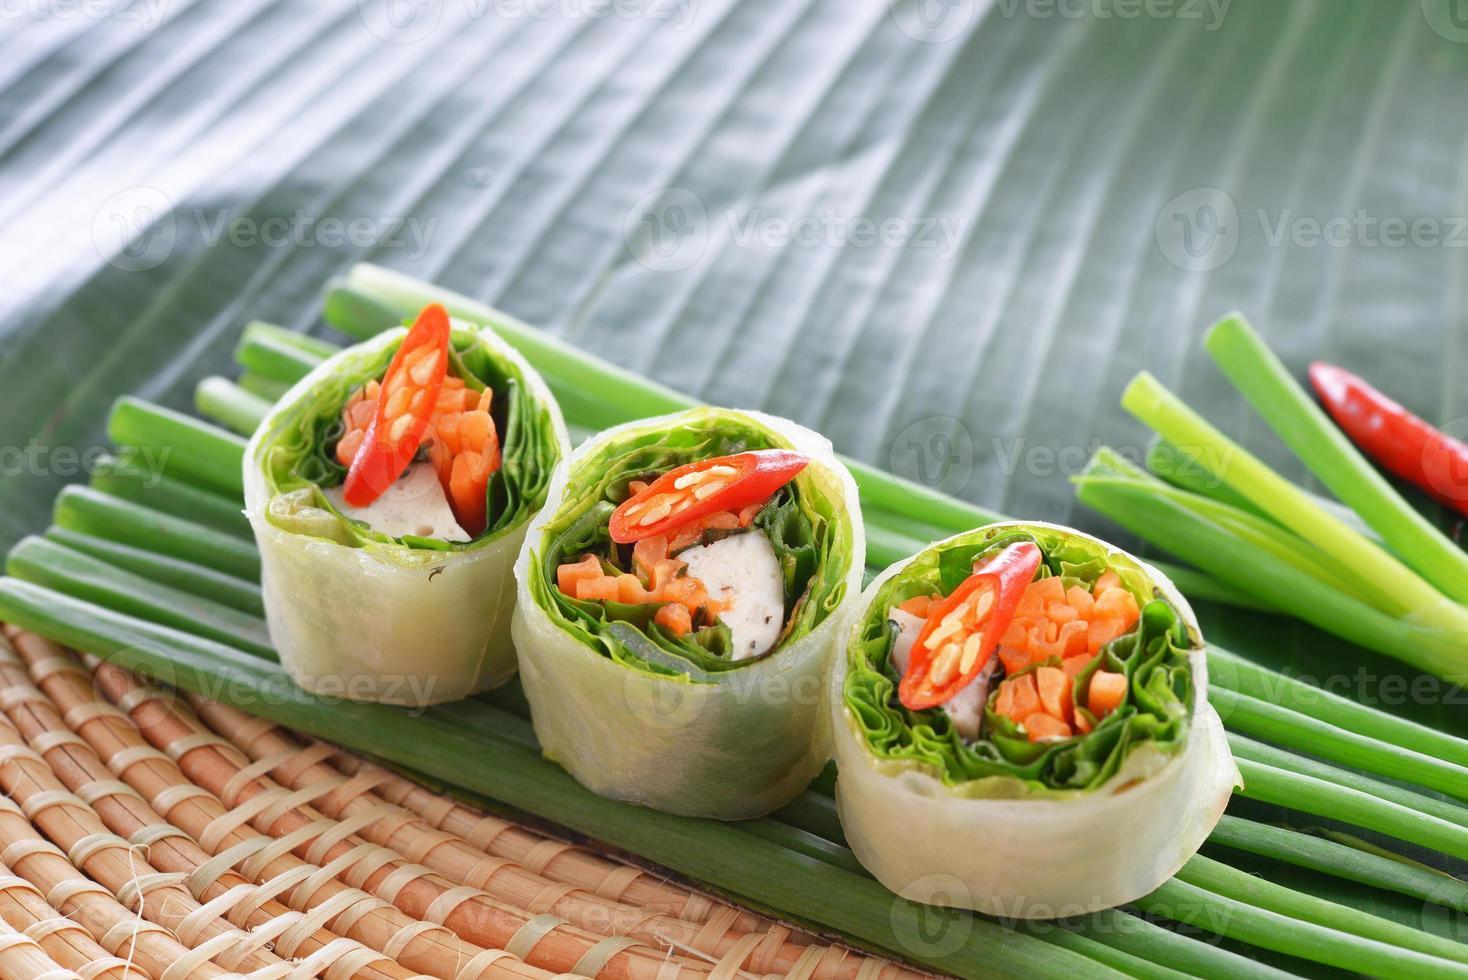 comida tradicional chinesa fresca rolinhos primavera foto